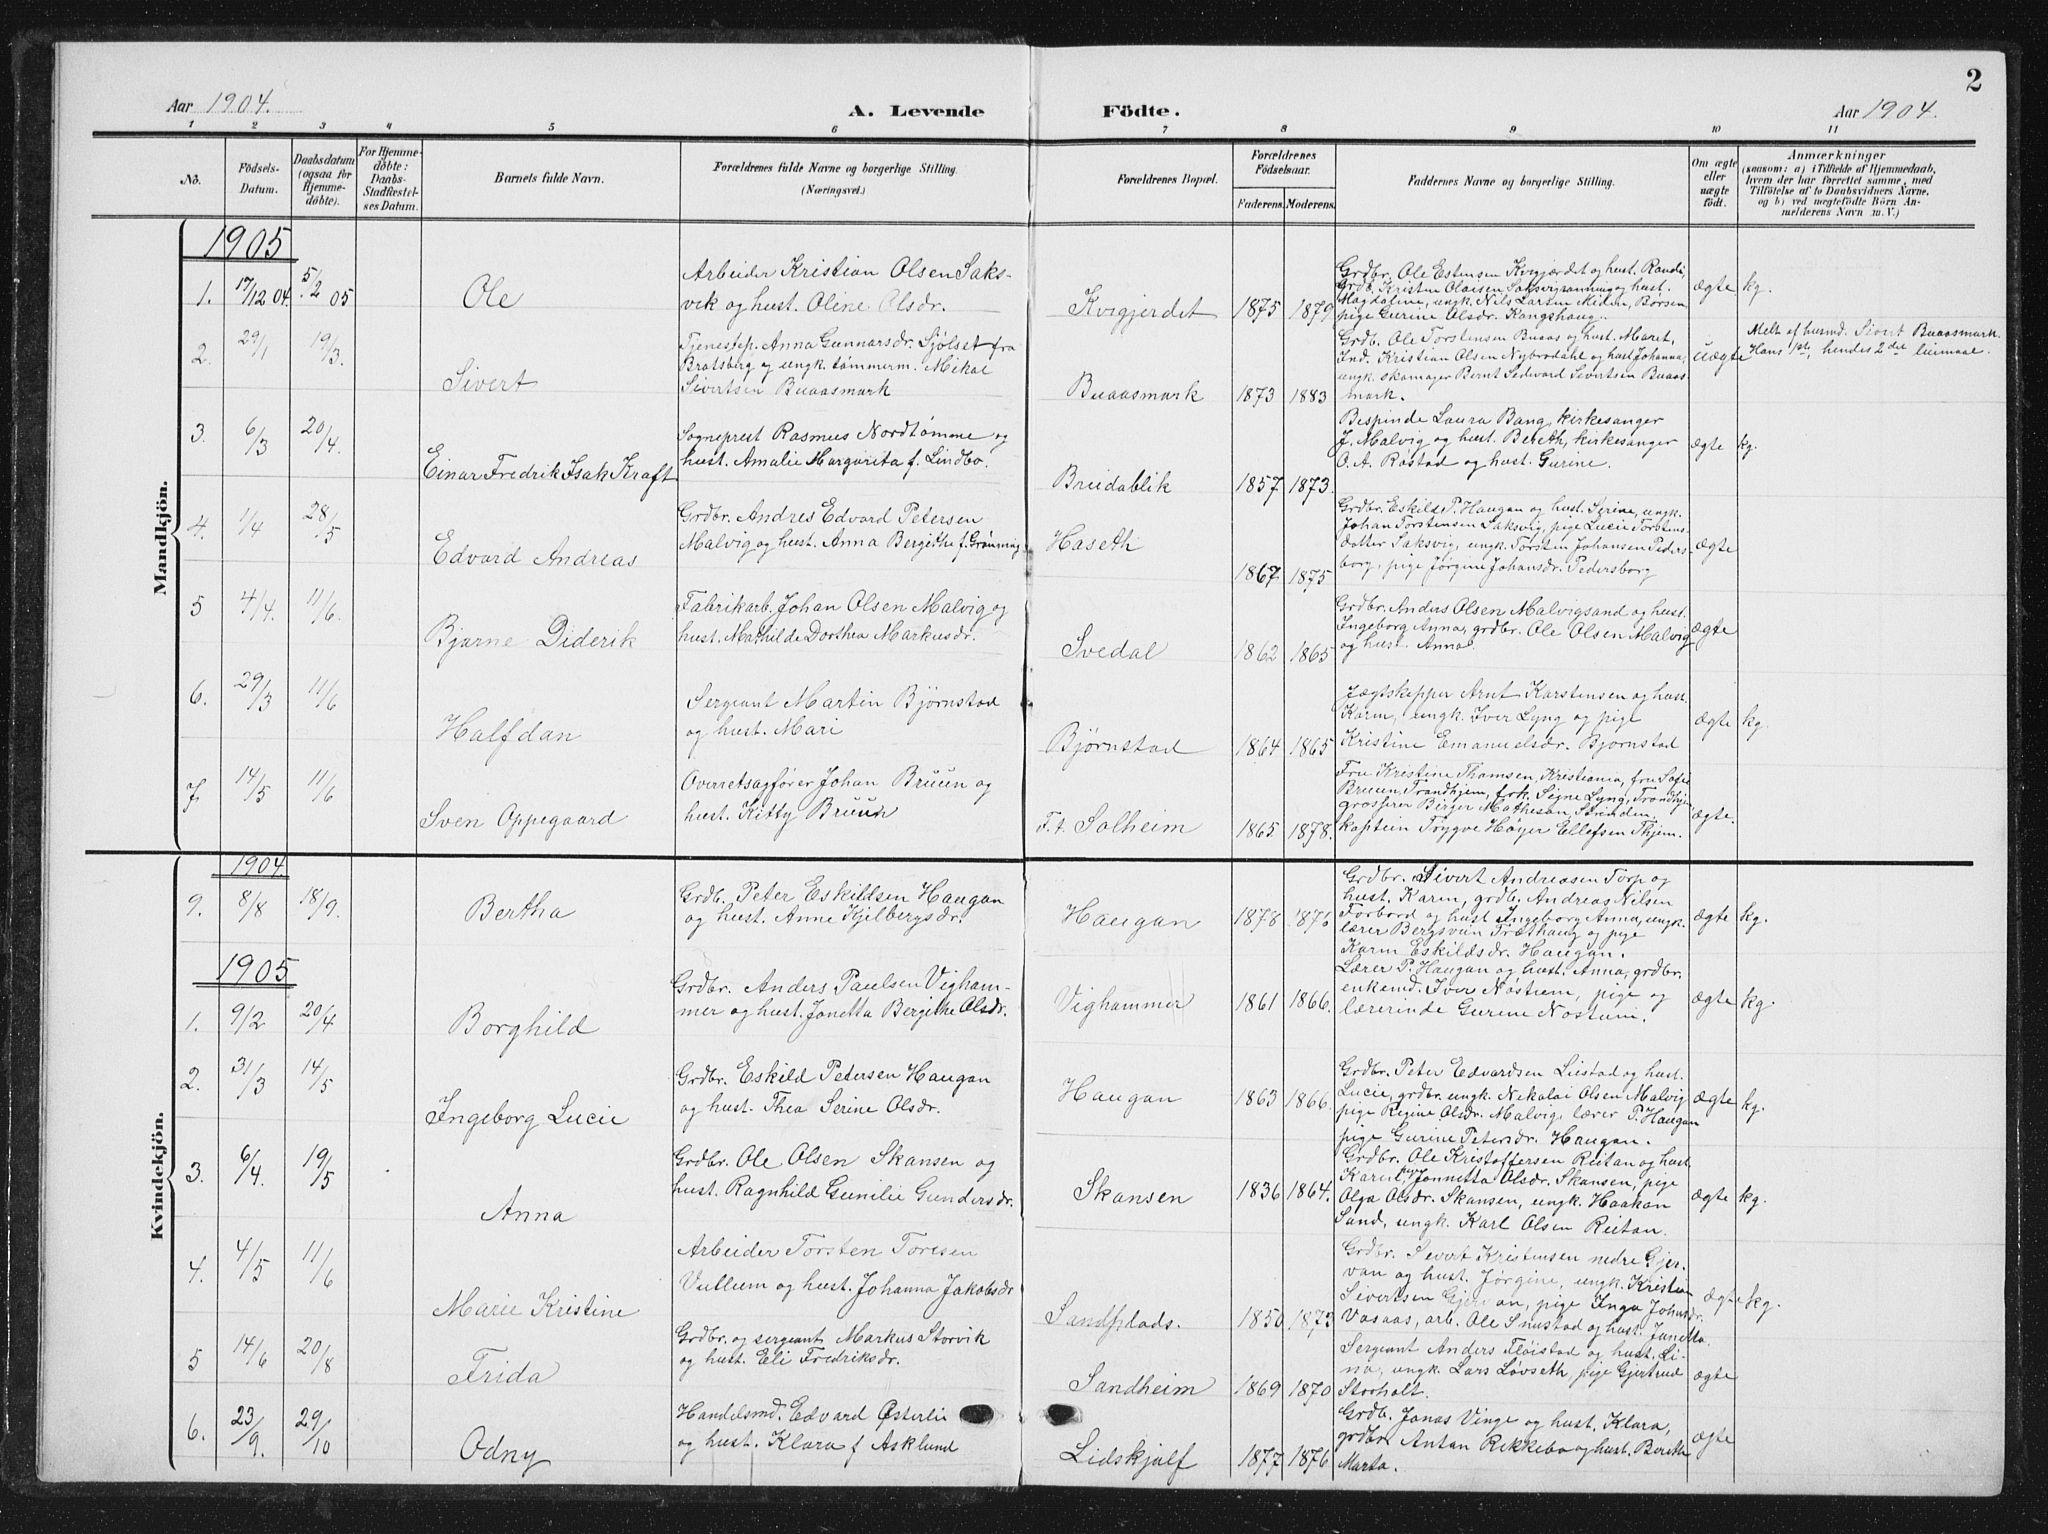 SAT, Ministerialprotokoller, klokkerbøker og fødselsregistre - Sør-Trøndelag, 616/L0424: Klokkerbok nr. 616C07, 1904-1940, s. 2